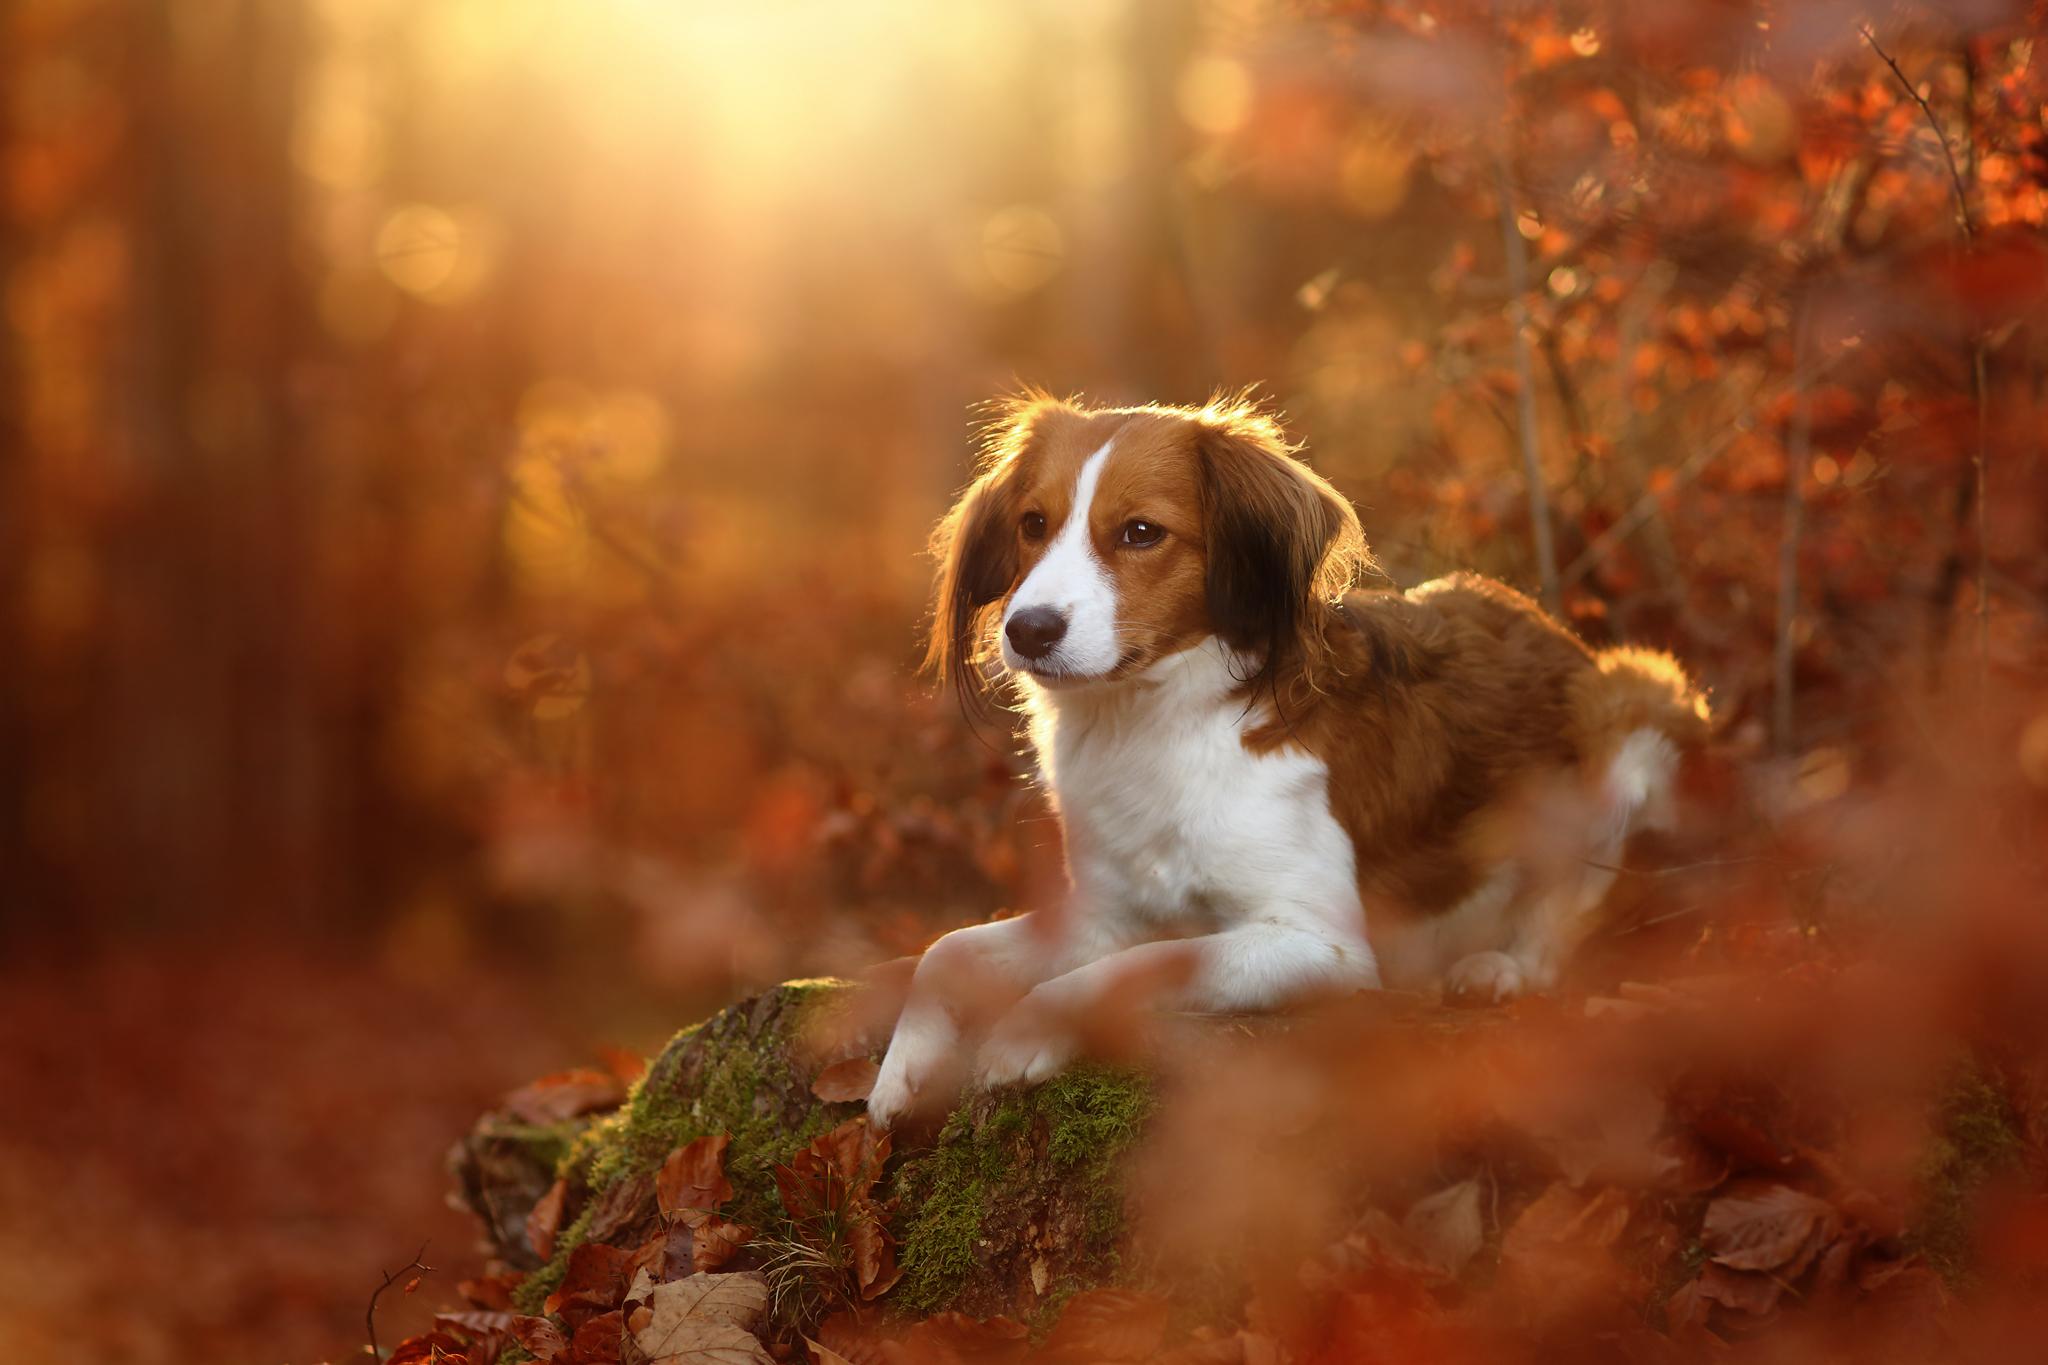 природа животные собака осень листья  № 2019451 загрузить